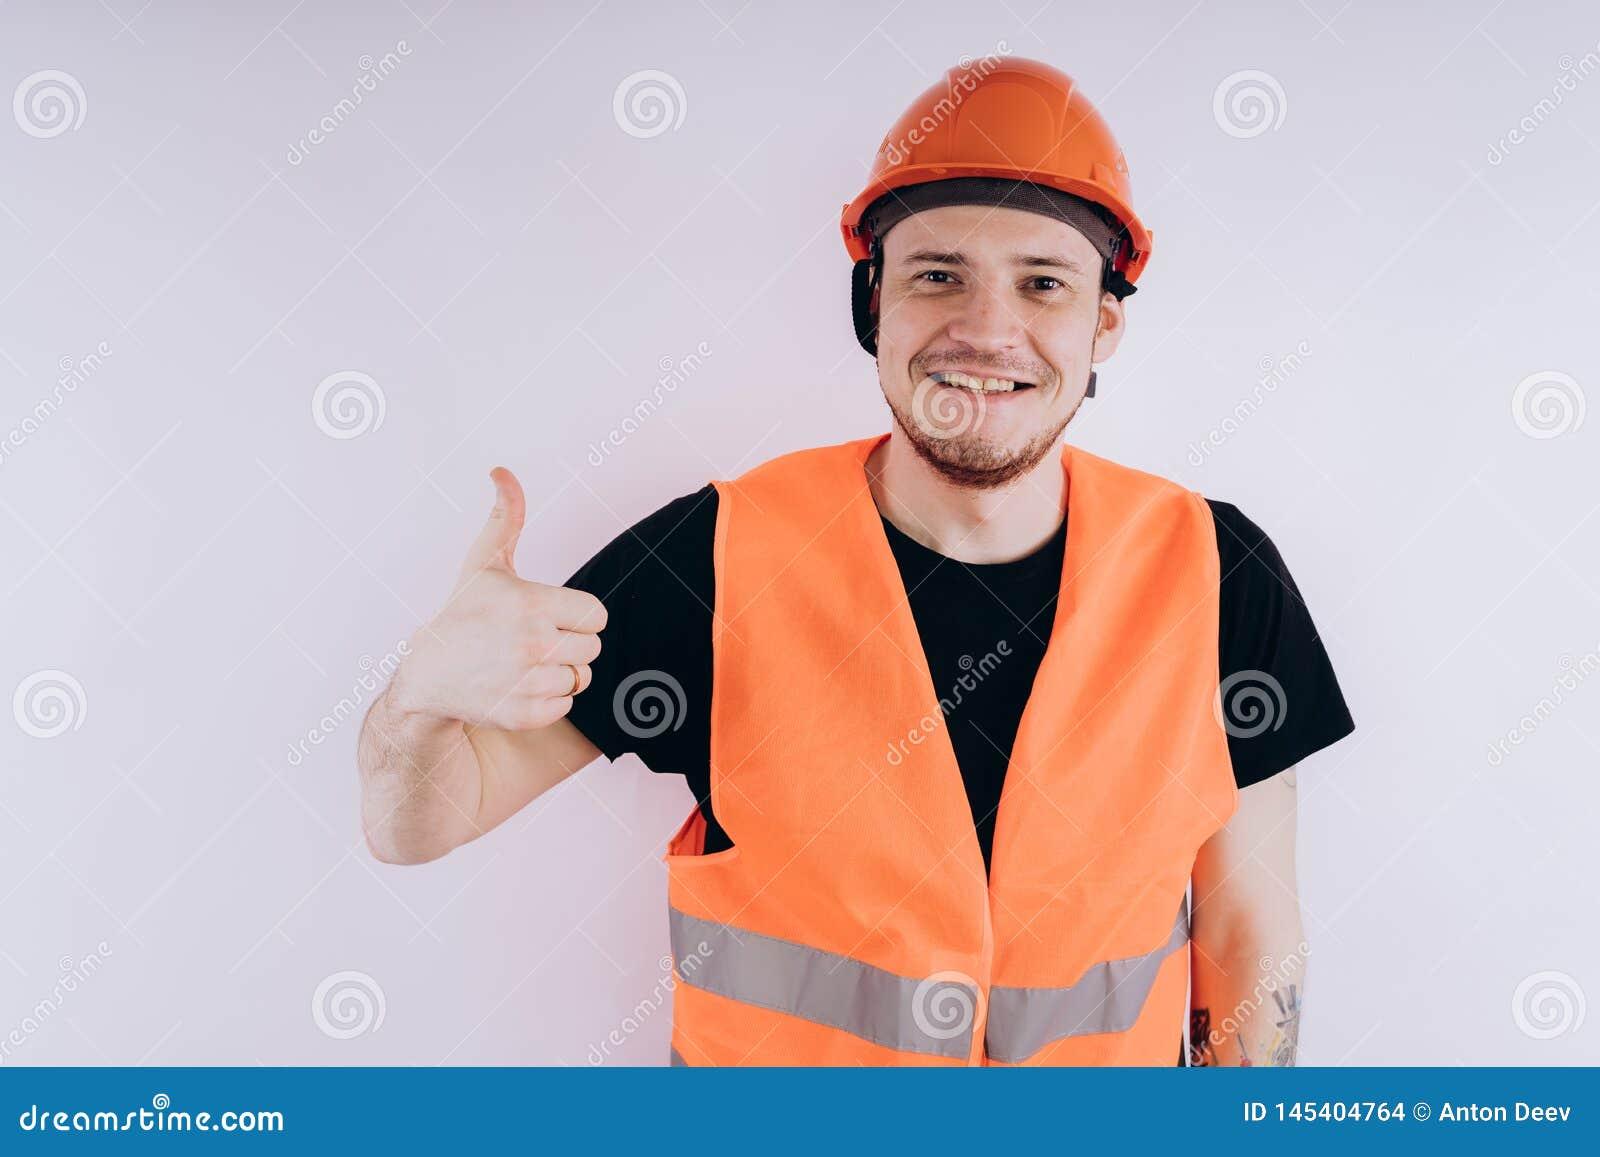 Άτομο στην εργασία ομοιόμορφη στο άσπρο υπόβαθρο